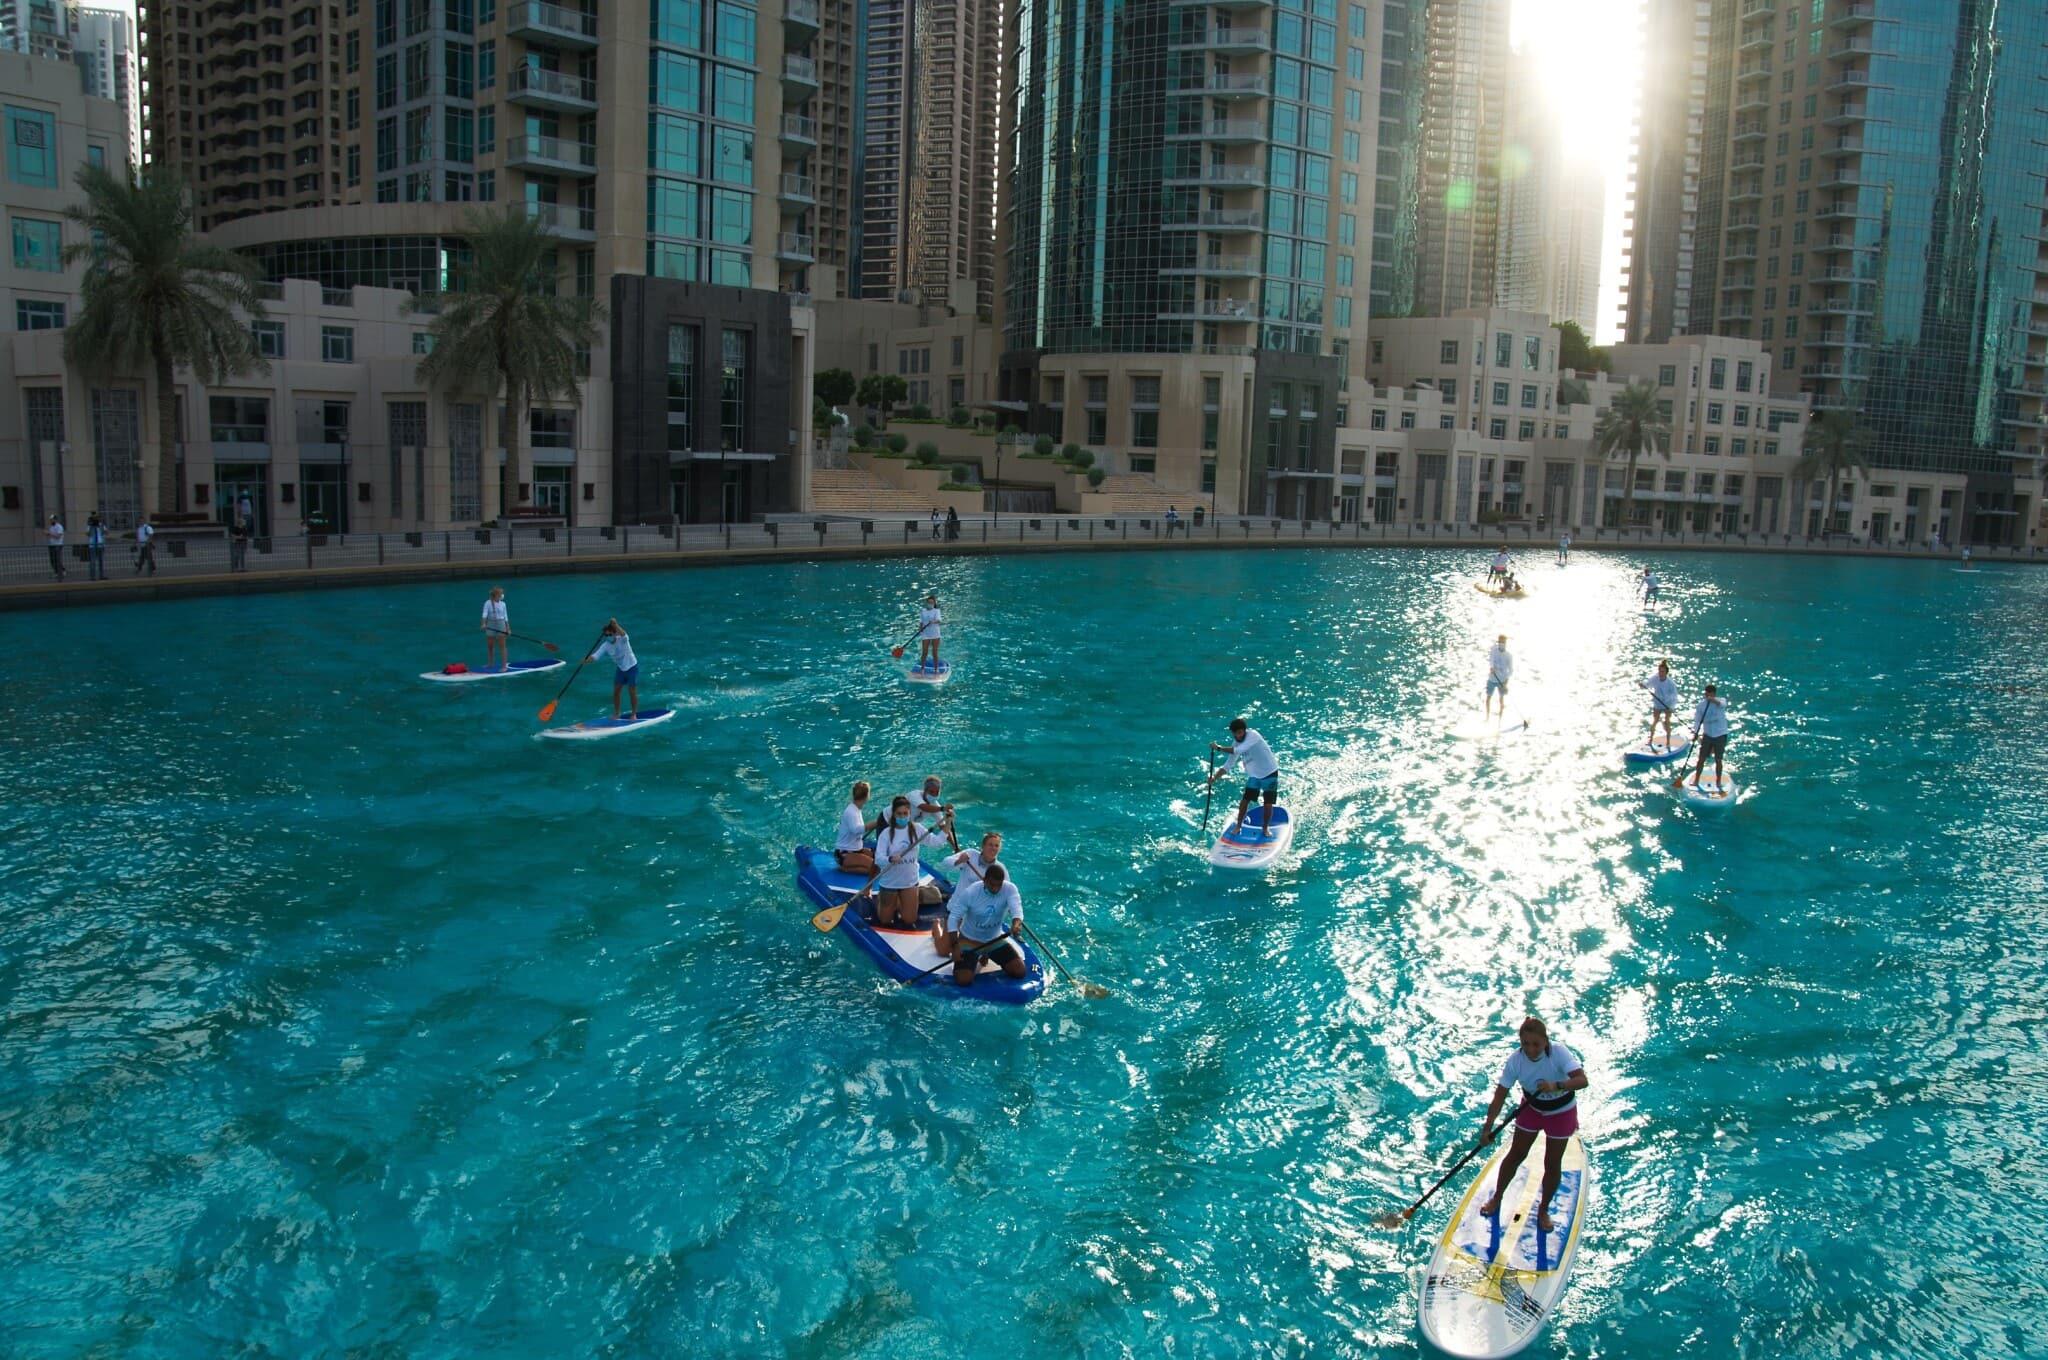 ספורט ימי בדובאי, 28 באוגוסט 2020 (צילום: P Photo/Jon Gambrell)